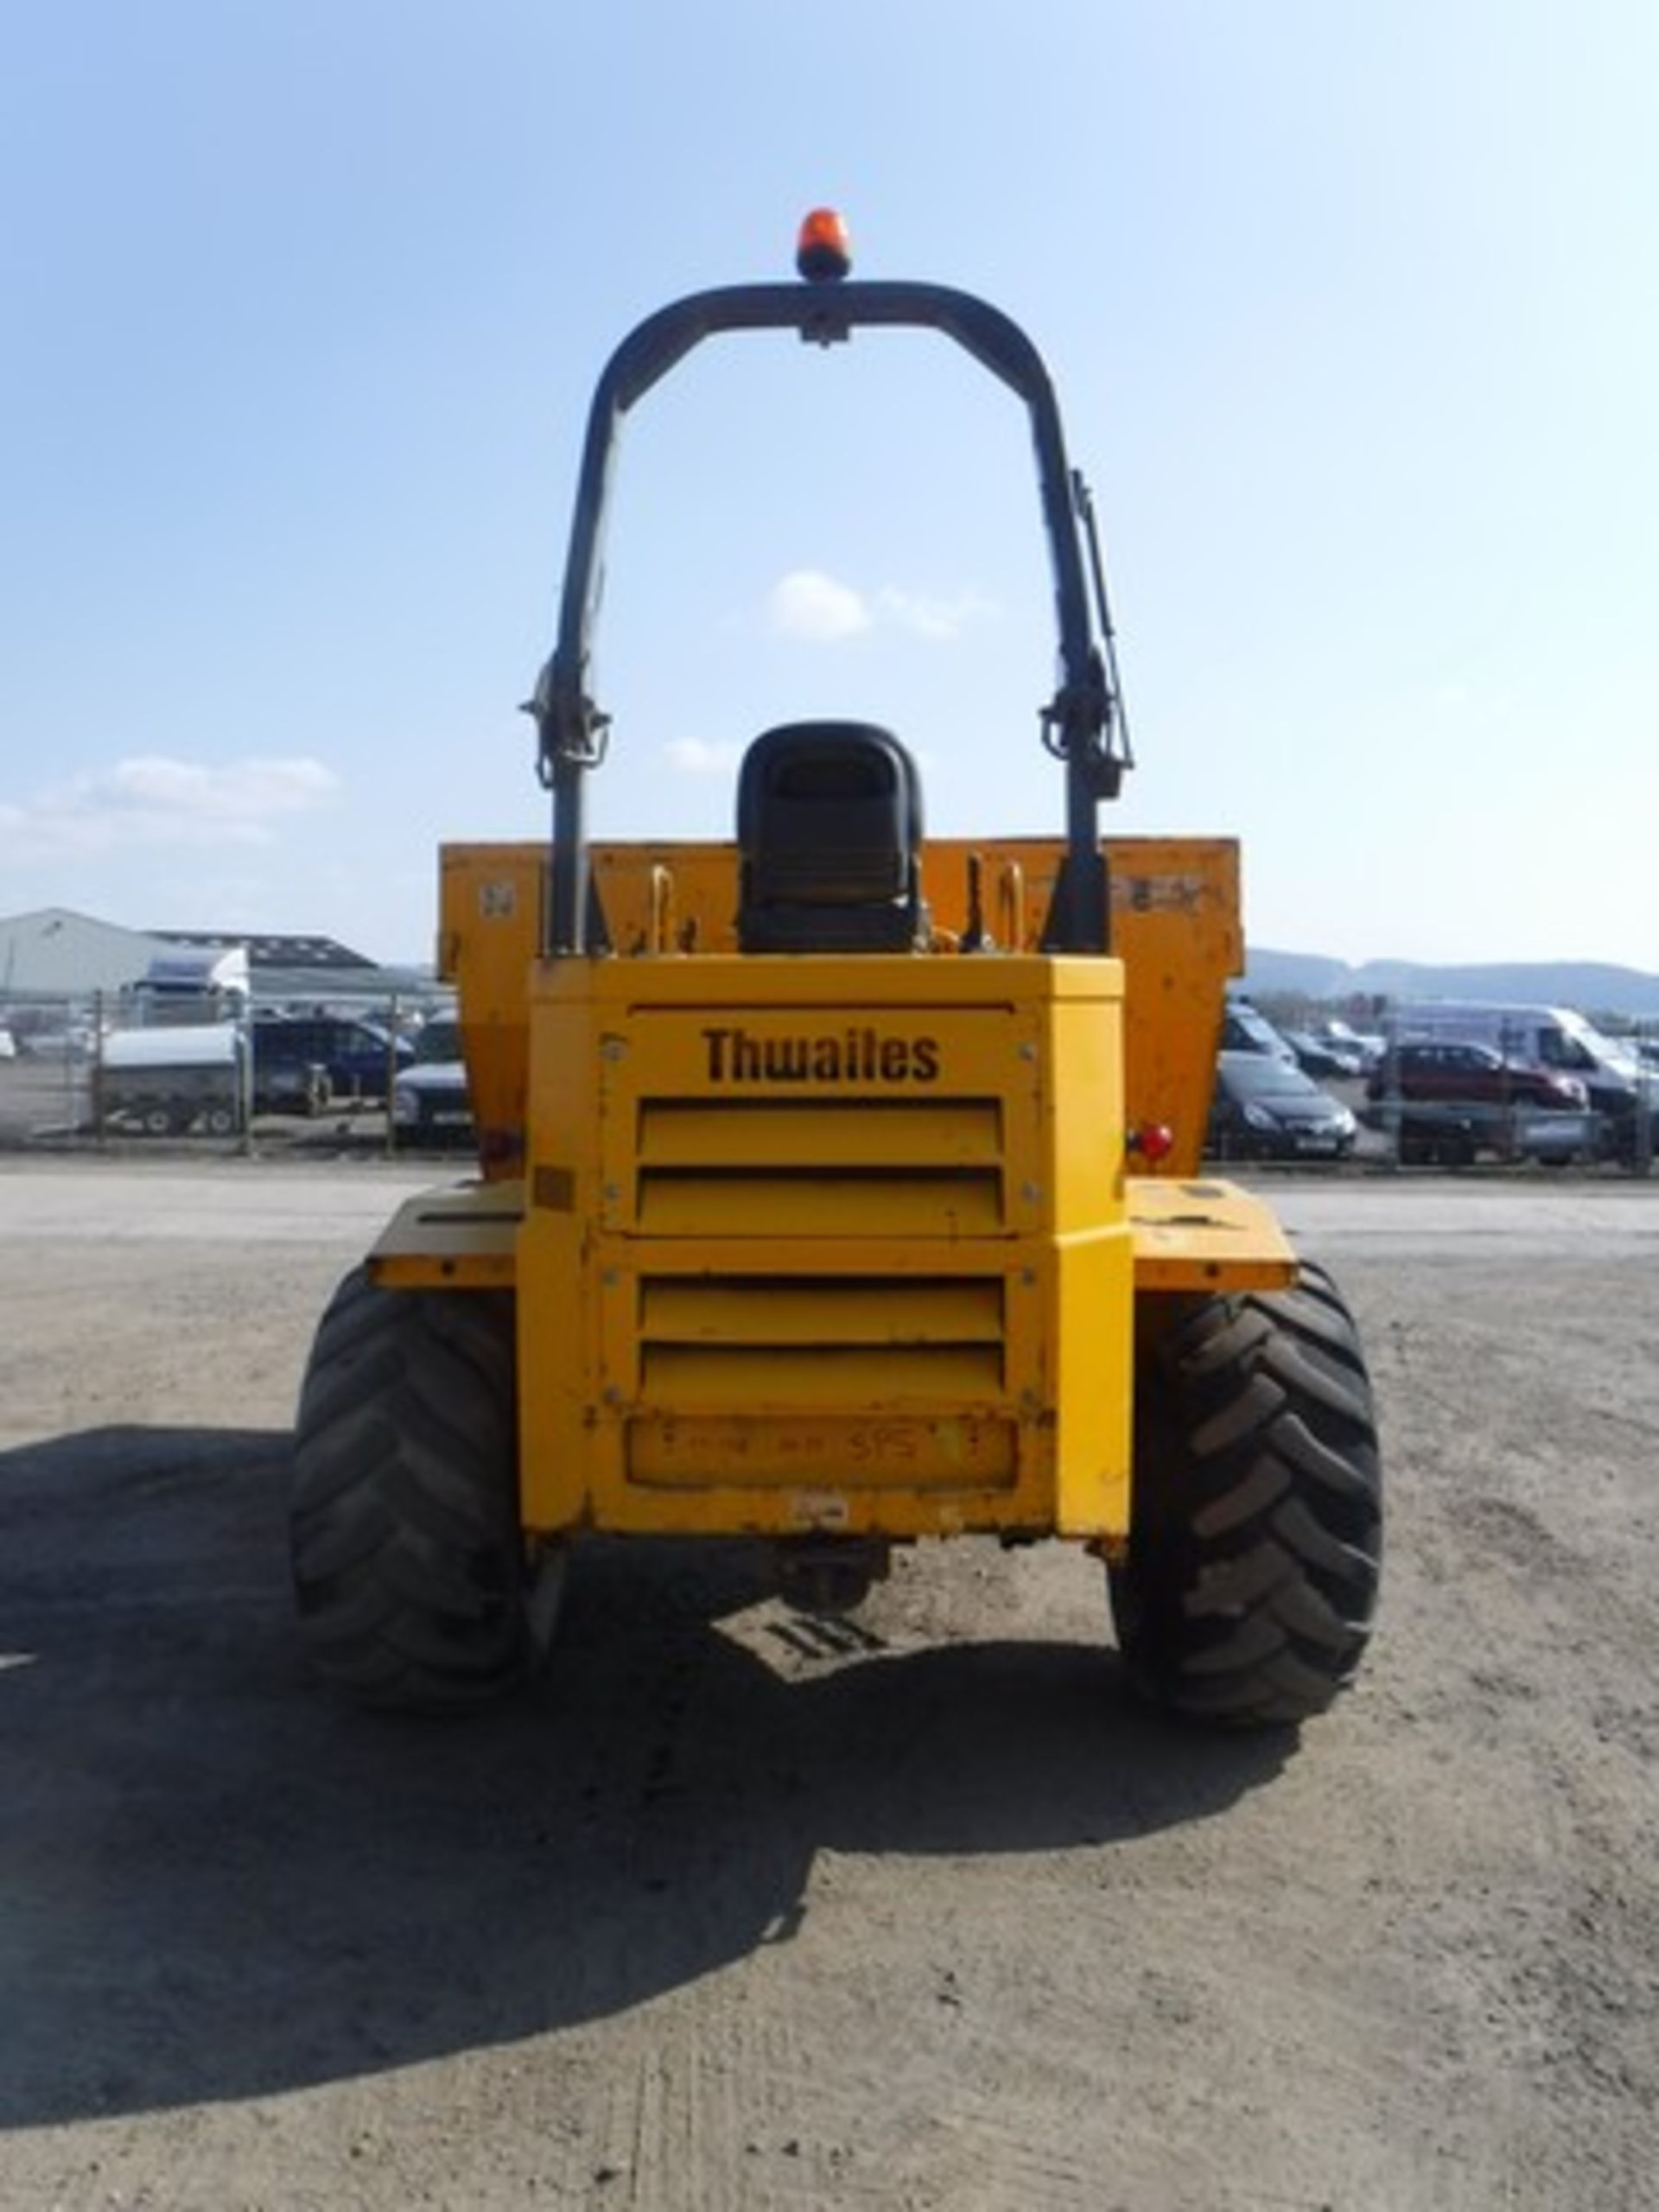 Auktionslos 832 - 2007 THWAITES 9 ton dumper. 3116 hrs (not verified) S/N484208